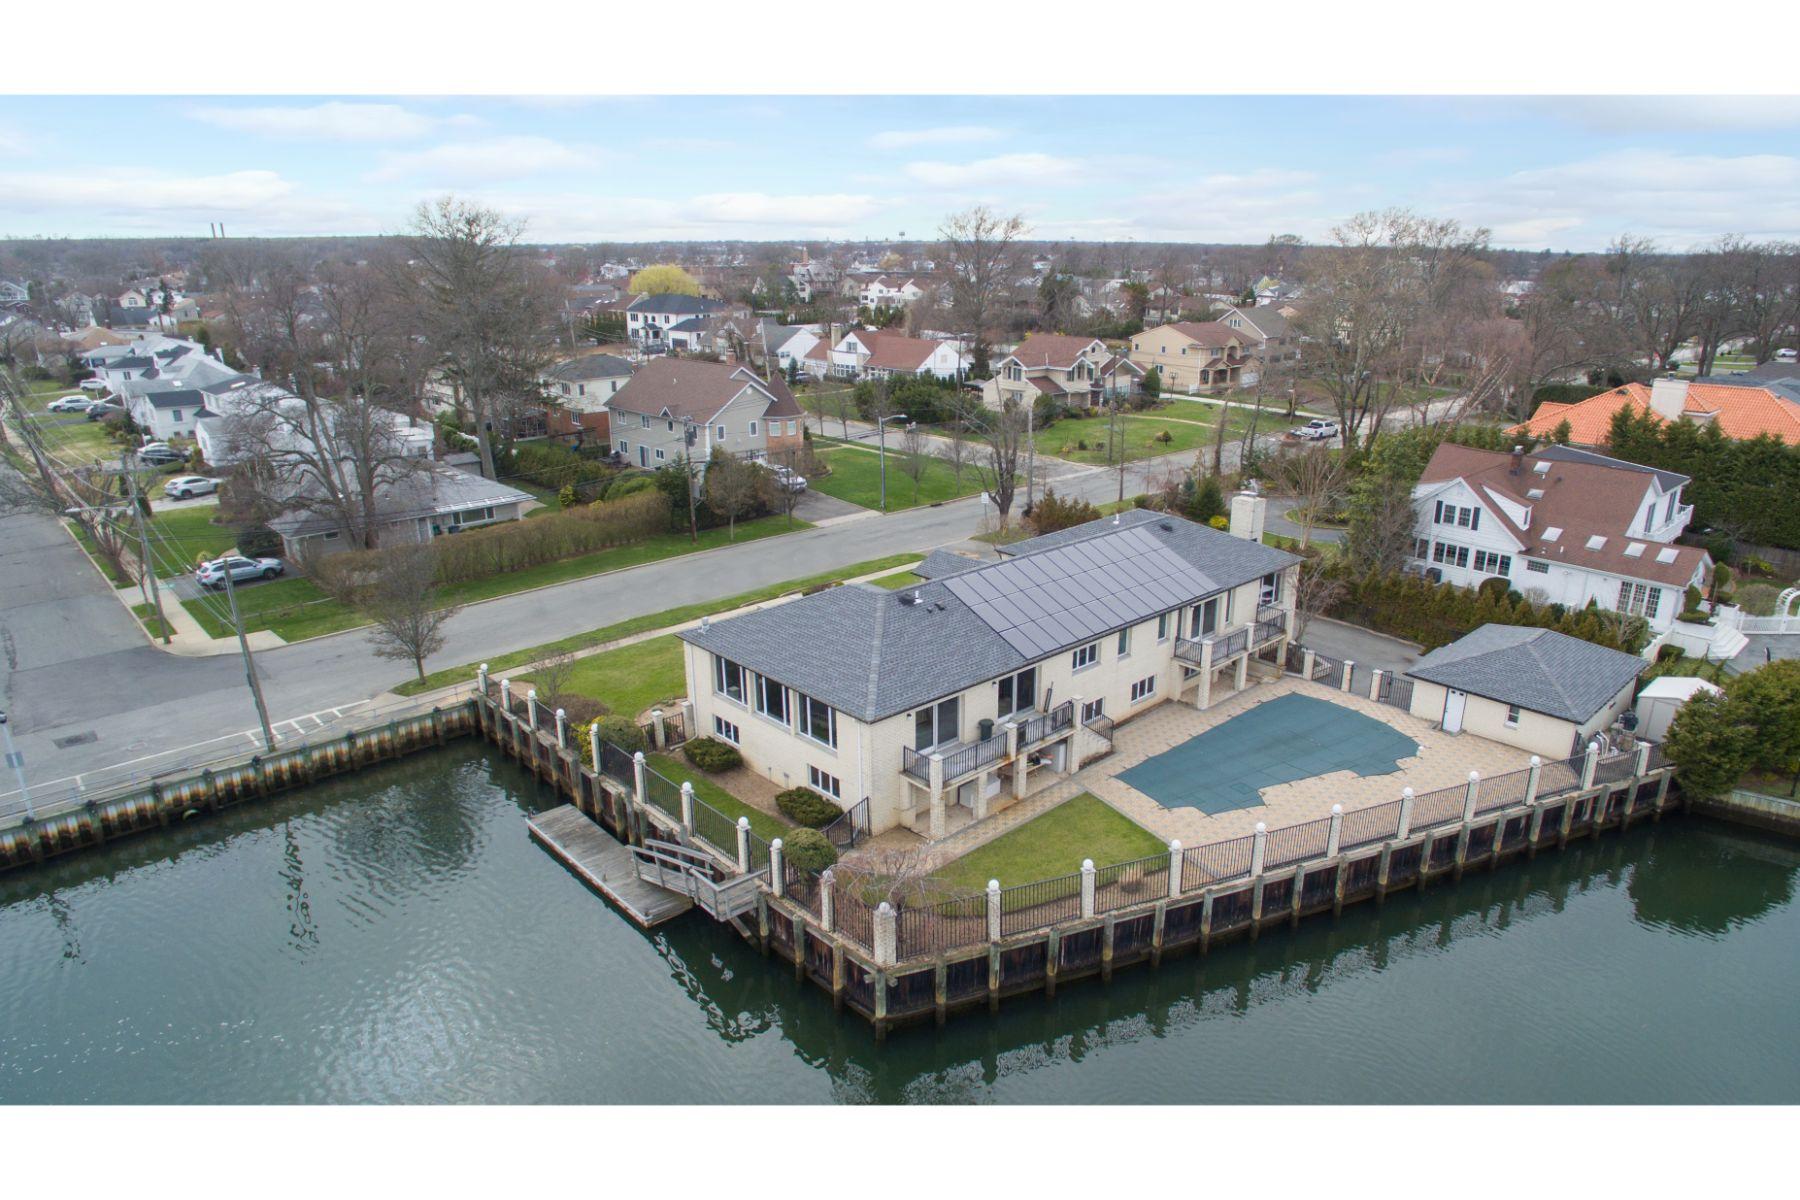 Single Family Homes för Försäljning vid 2771 Merrick Ave, Merrick, New York 11566 Förenta staterna